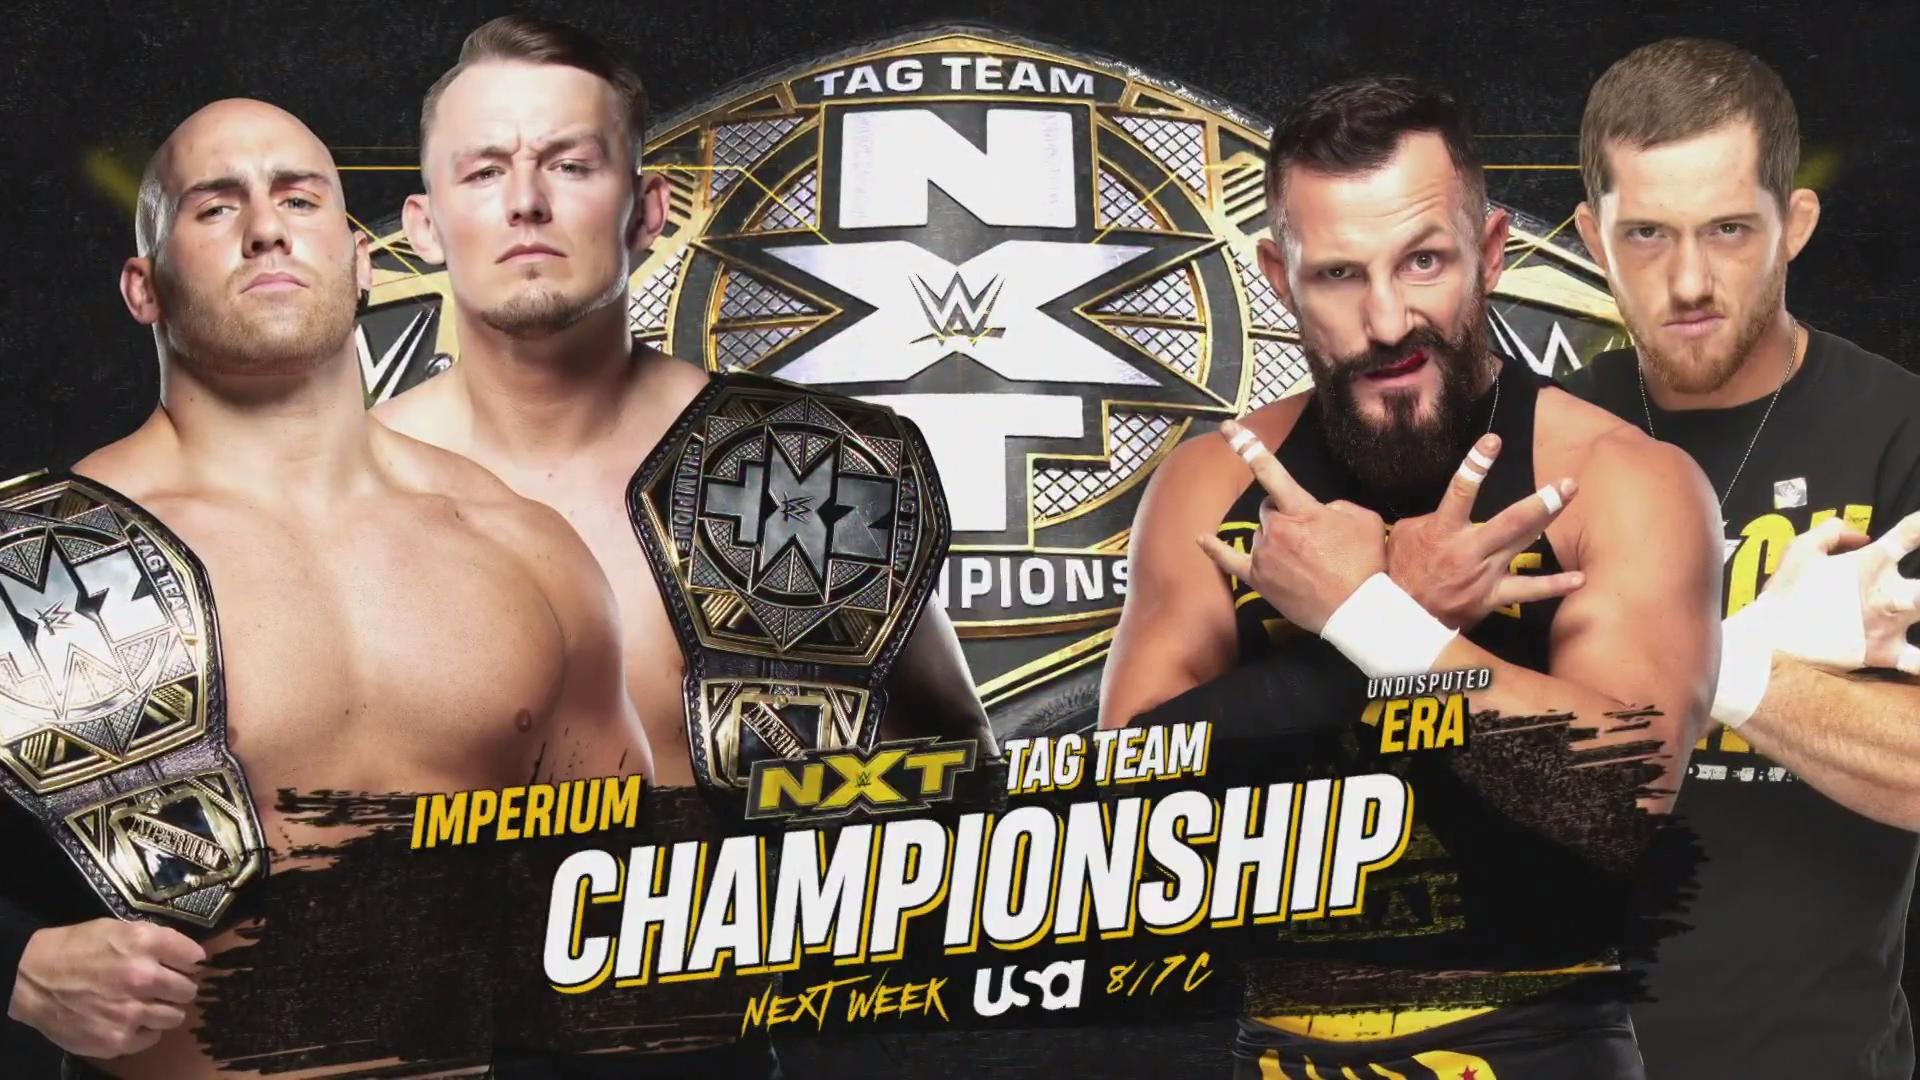 Grandes combates são anunciados para o próximo WWE NXT